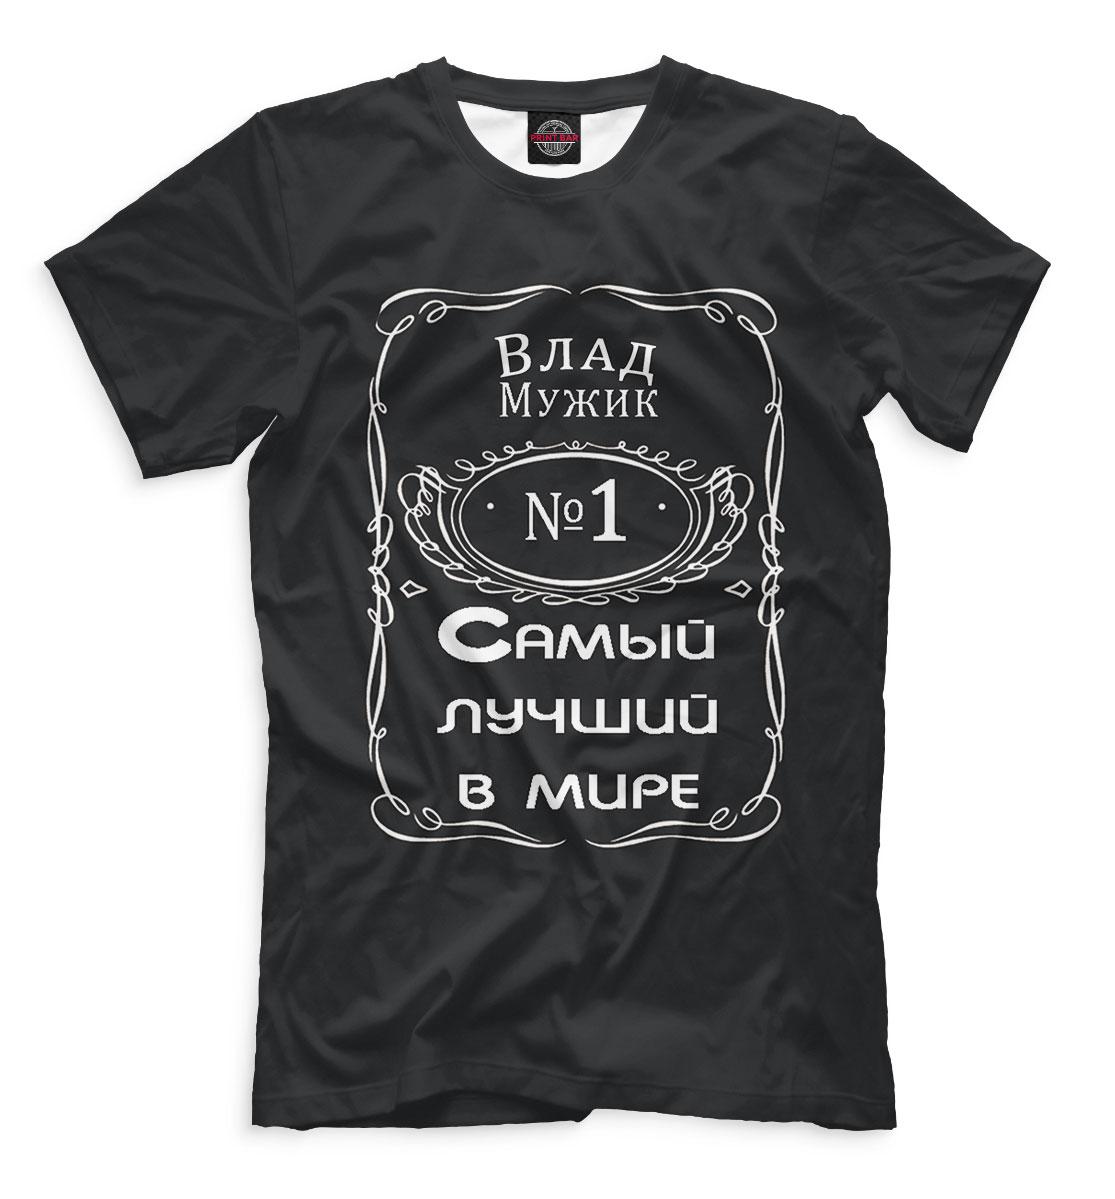 Купить Влад — самый лучший в мире, Printbar, Футболки, IMR-997434-fut-2